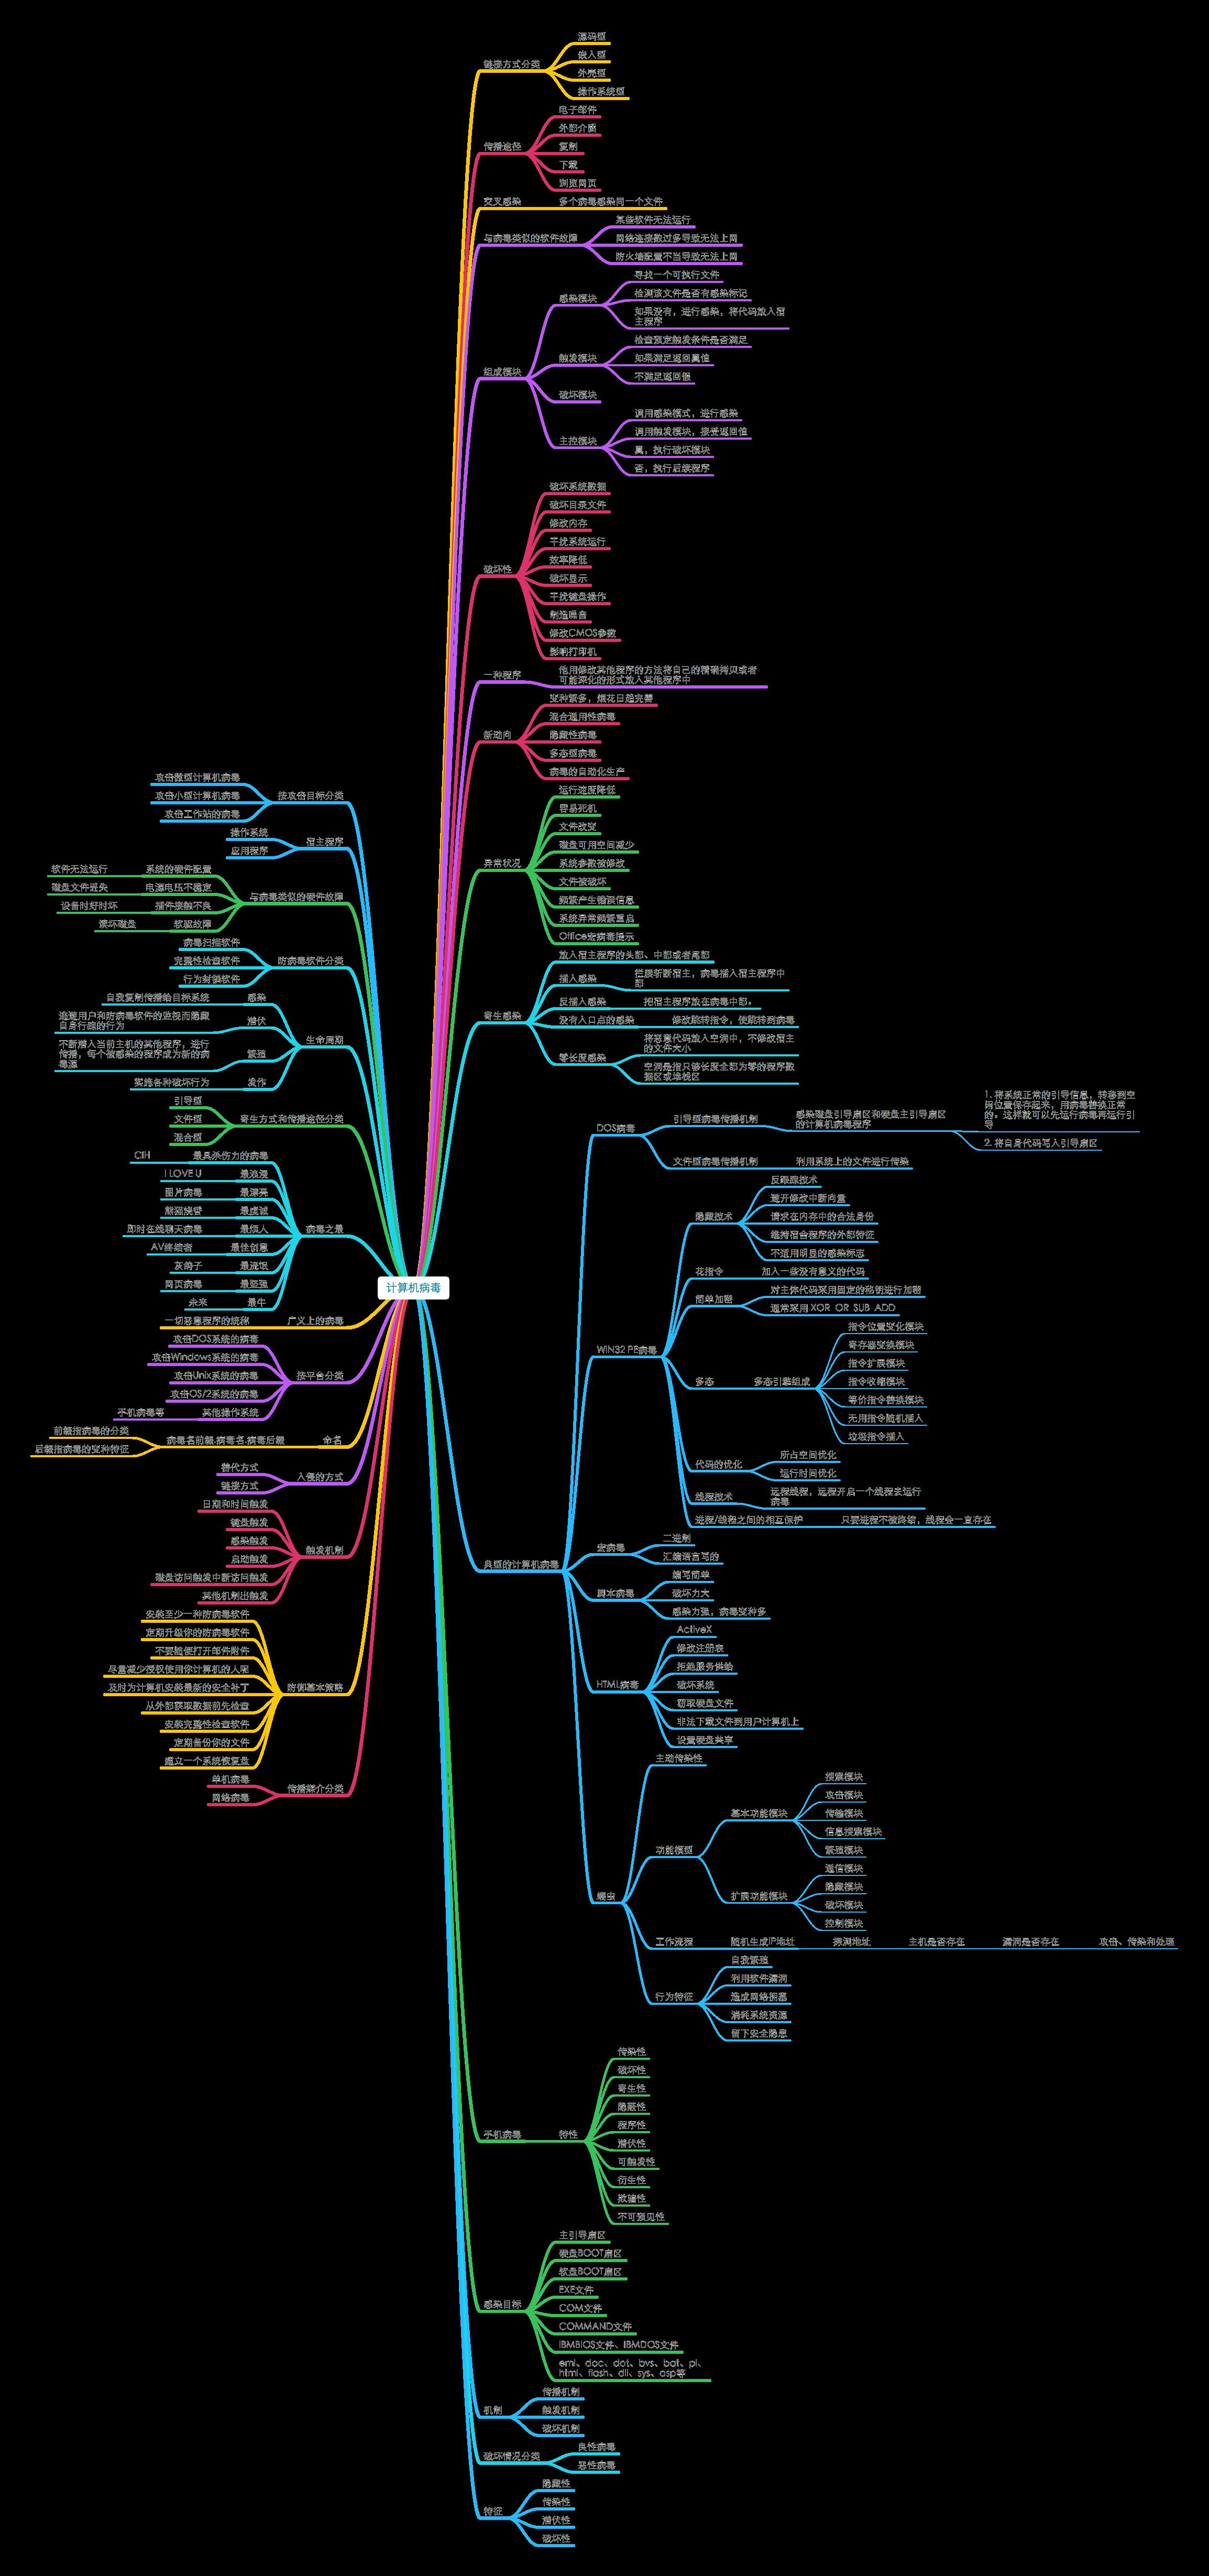 20180706_《网络安全思维导图》1.10计算机病毒.png